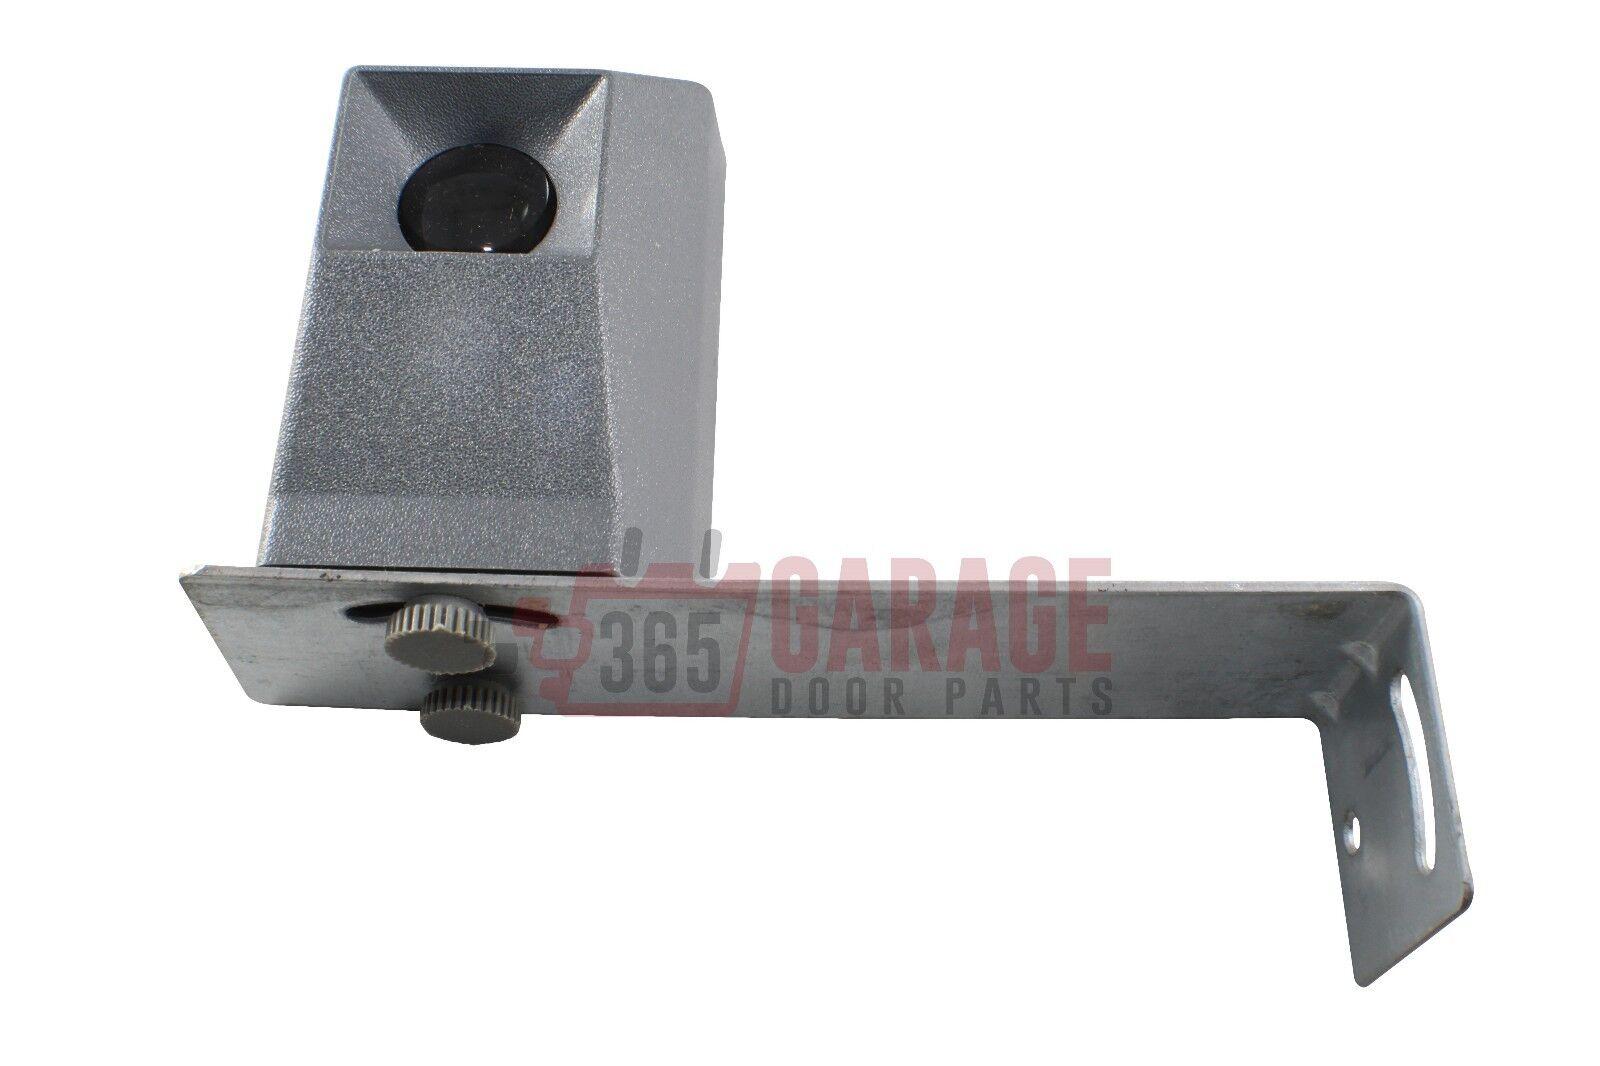 Digi Code Cr2149 Universal Garage Door Opener Safety Beam